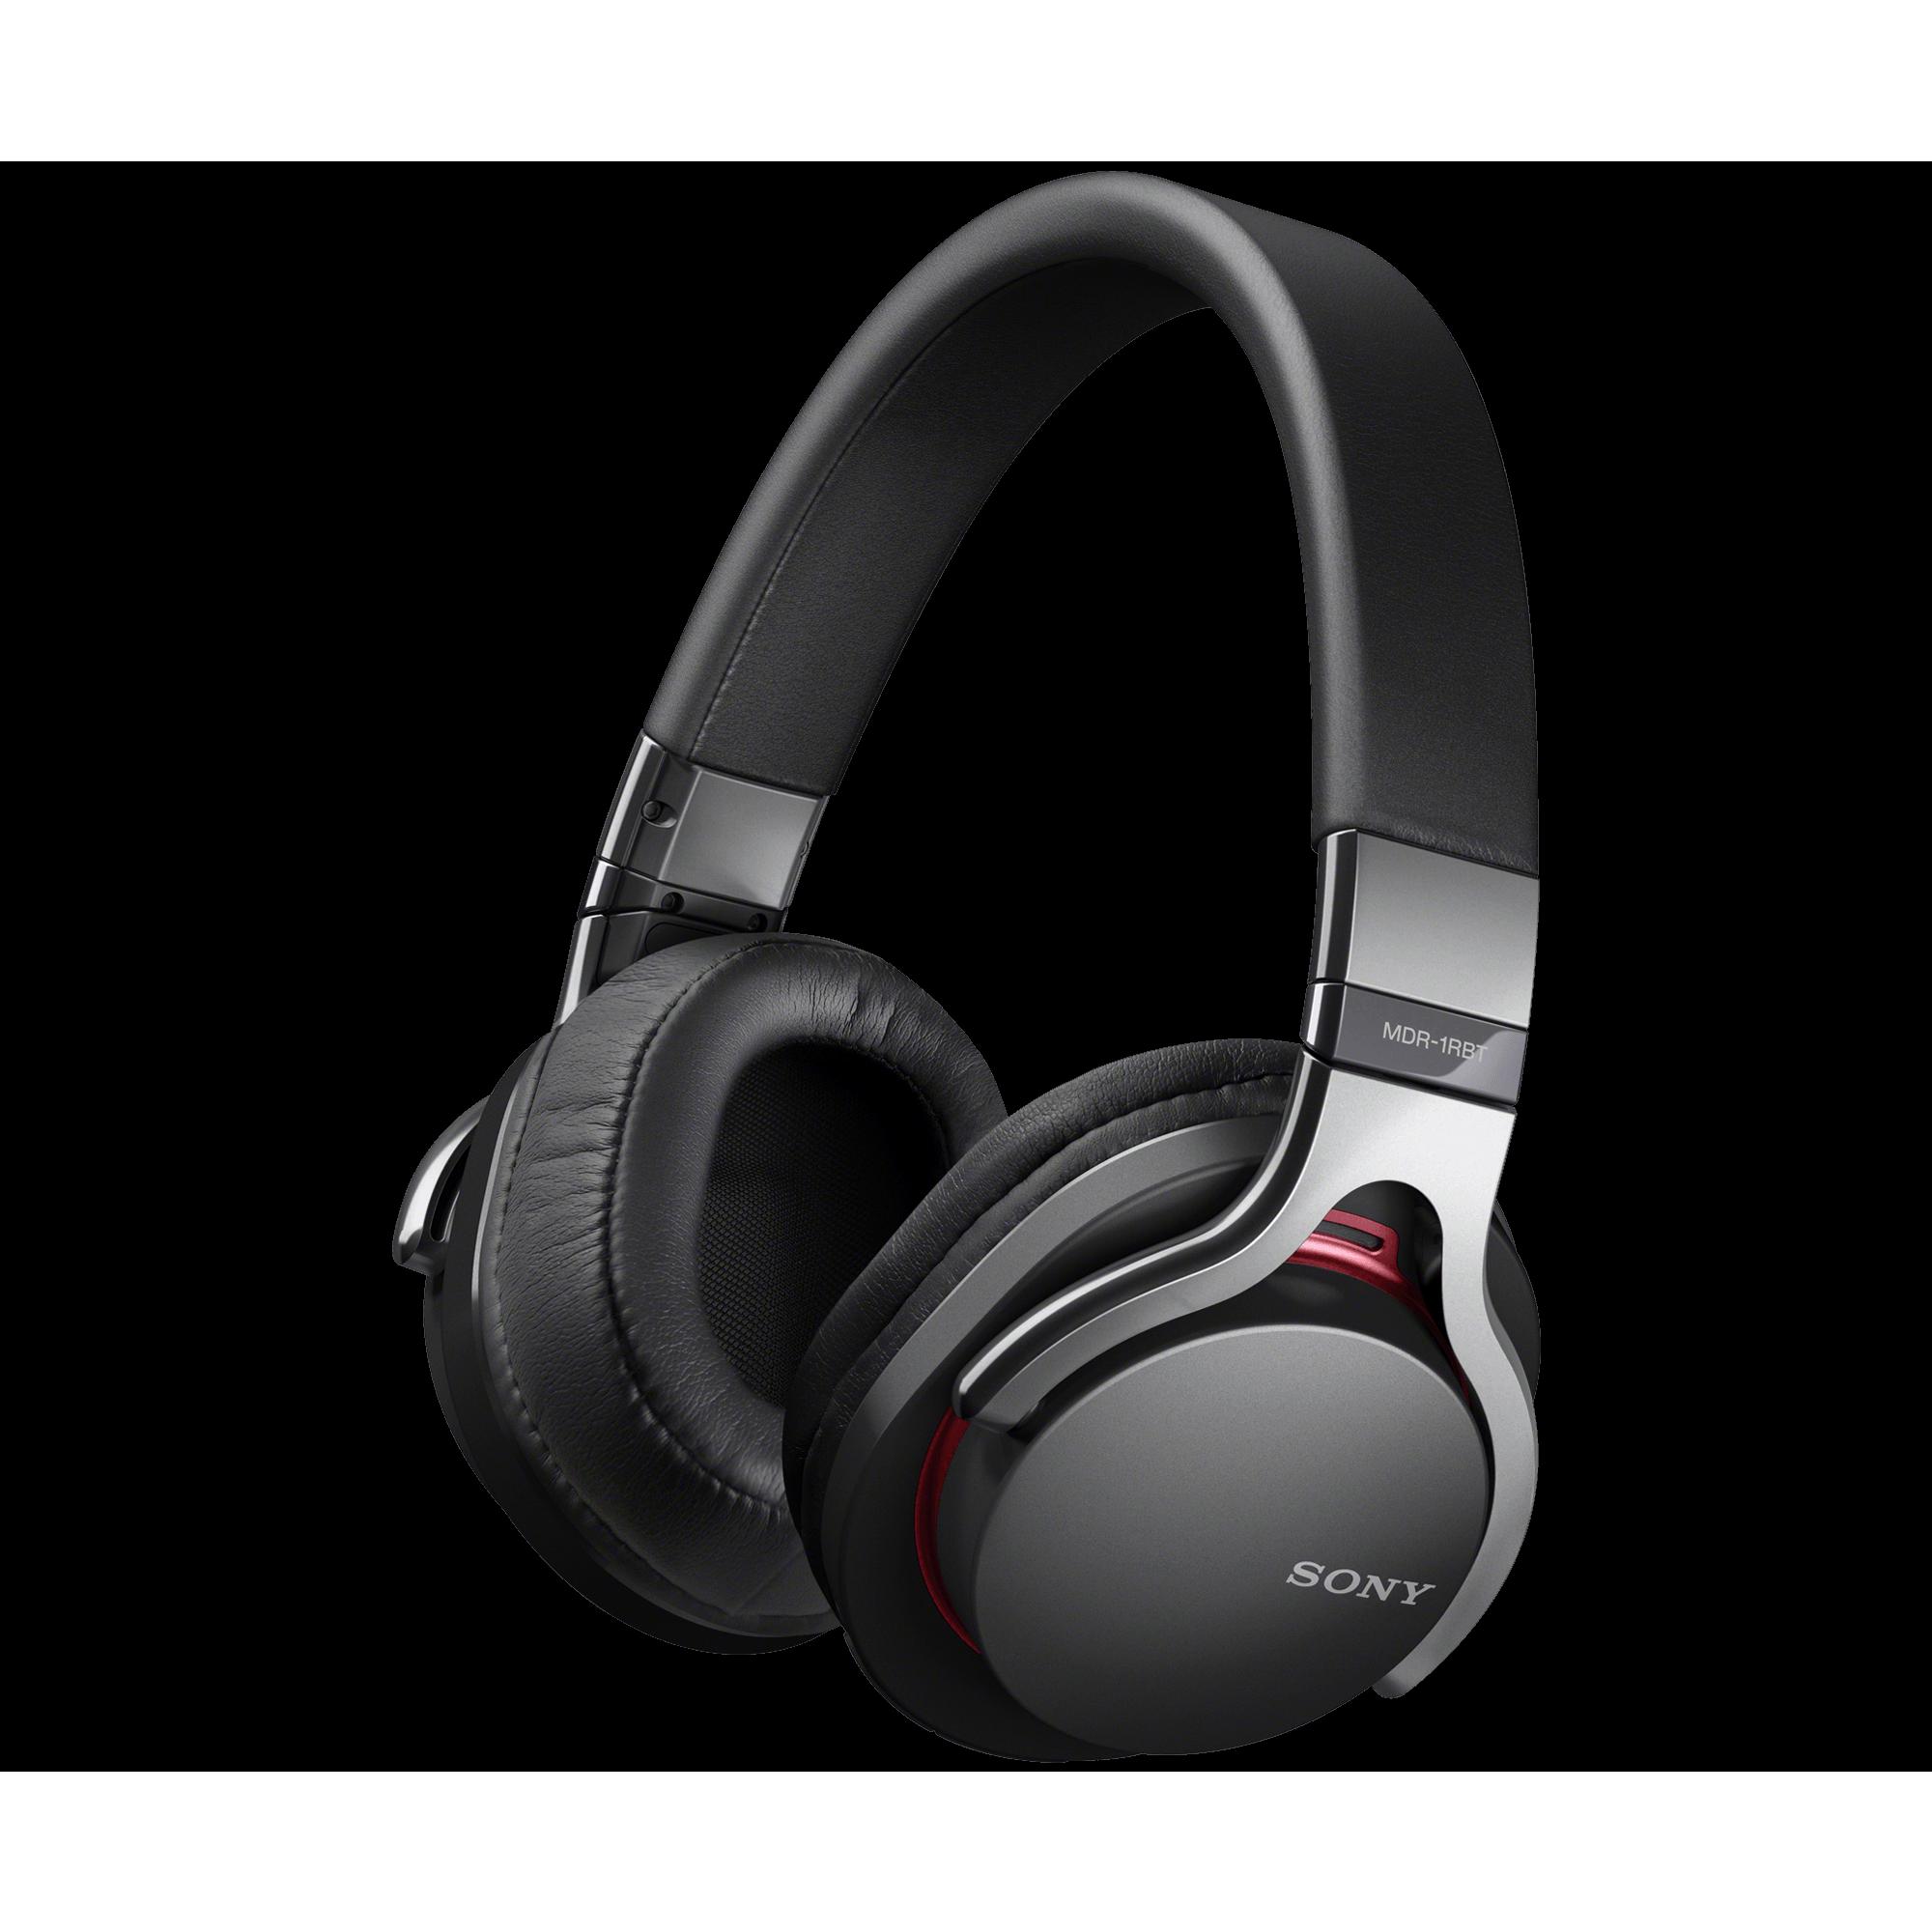 Black headphones PNG image